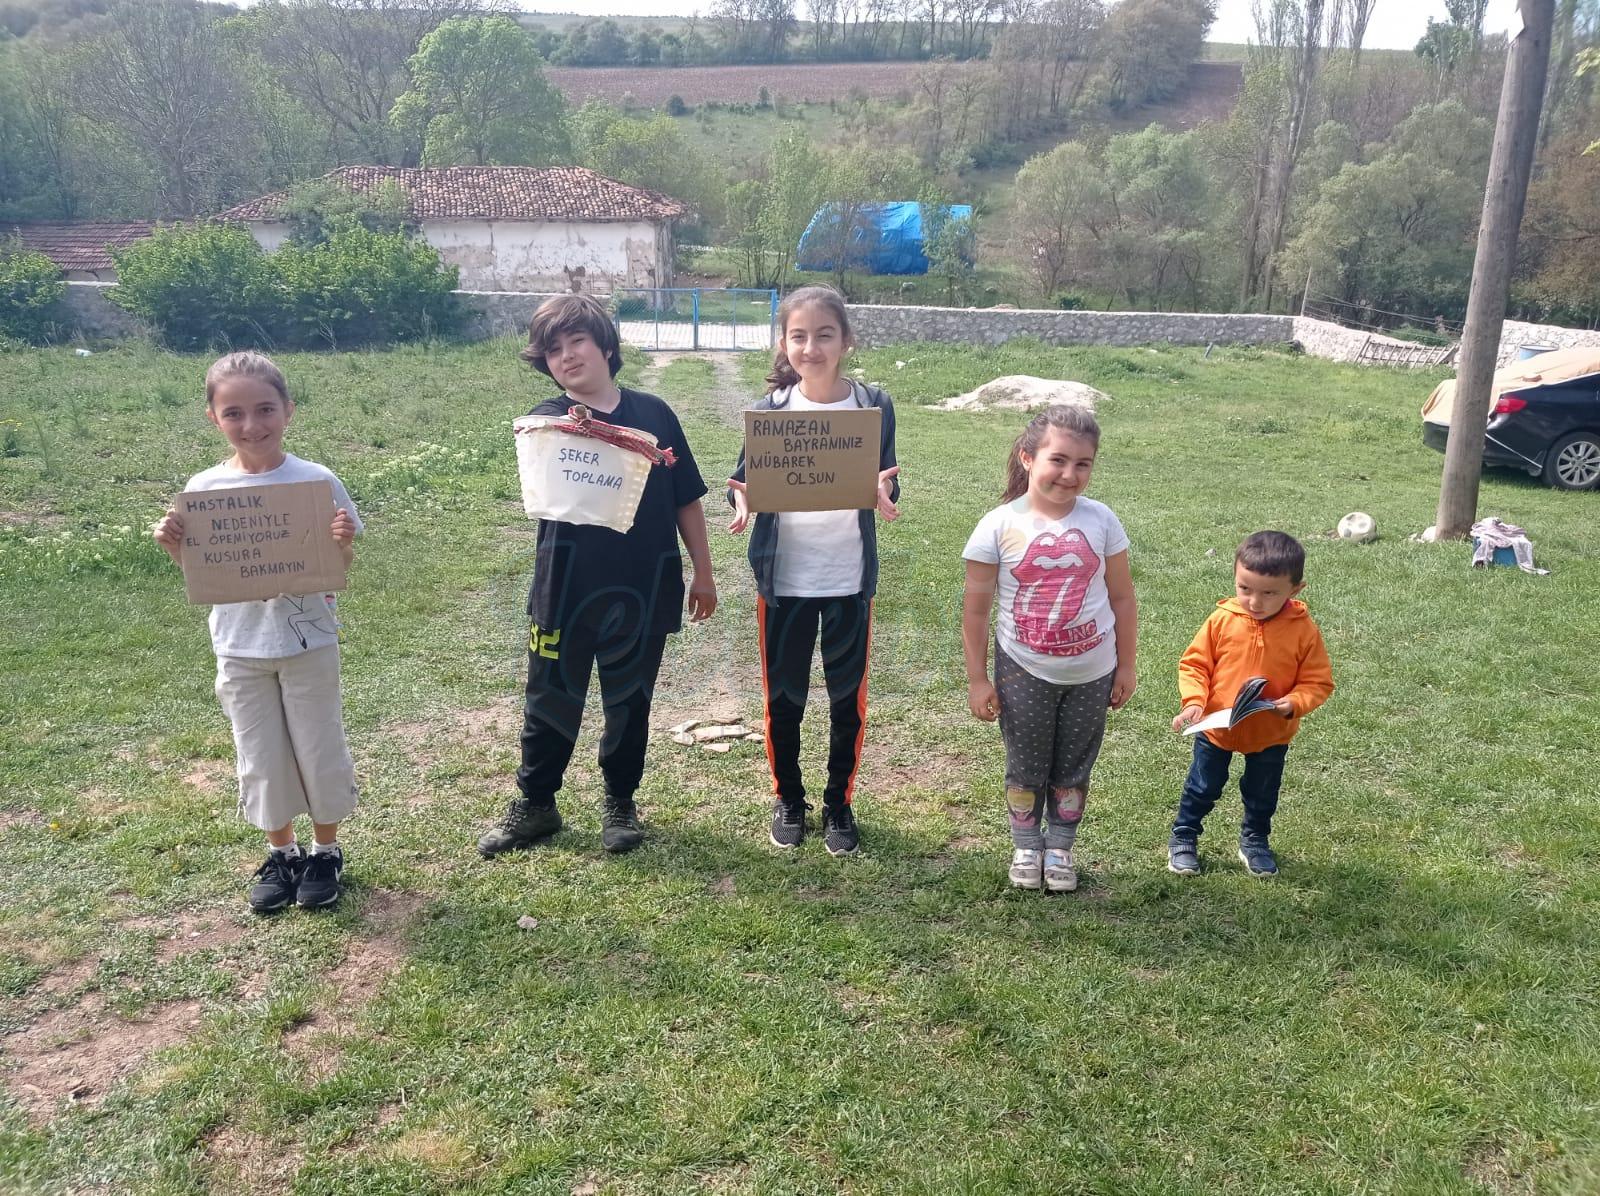 Mehmet Bektaş Torunuyla Uzaktan Bayramlaştı